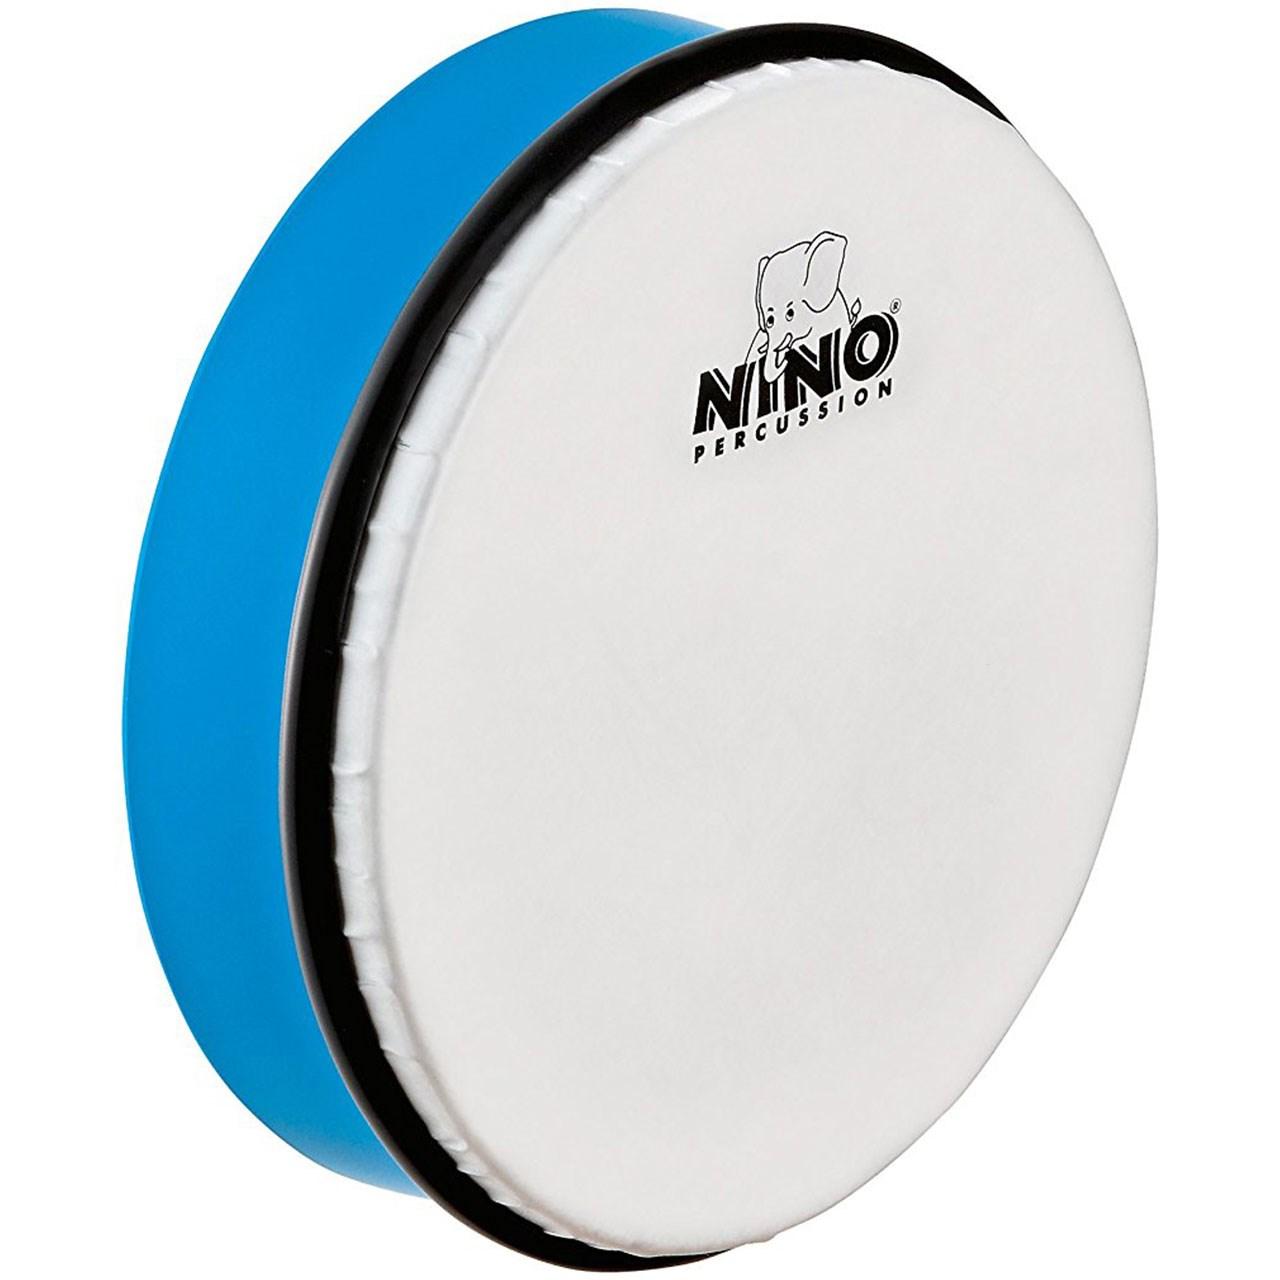 فریم درام 10 اینچ ماینل مدل Nino5